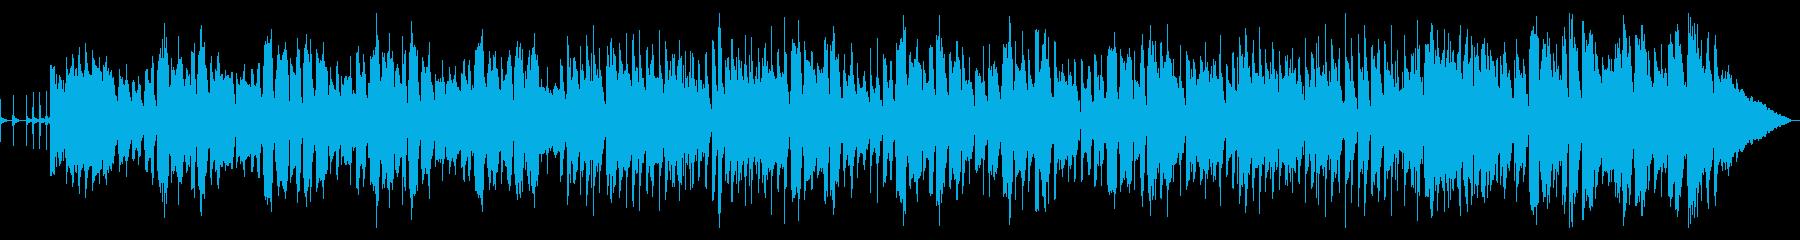 ウキウキする口笛が印象的な作品の再生済みの波形